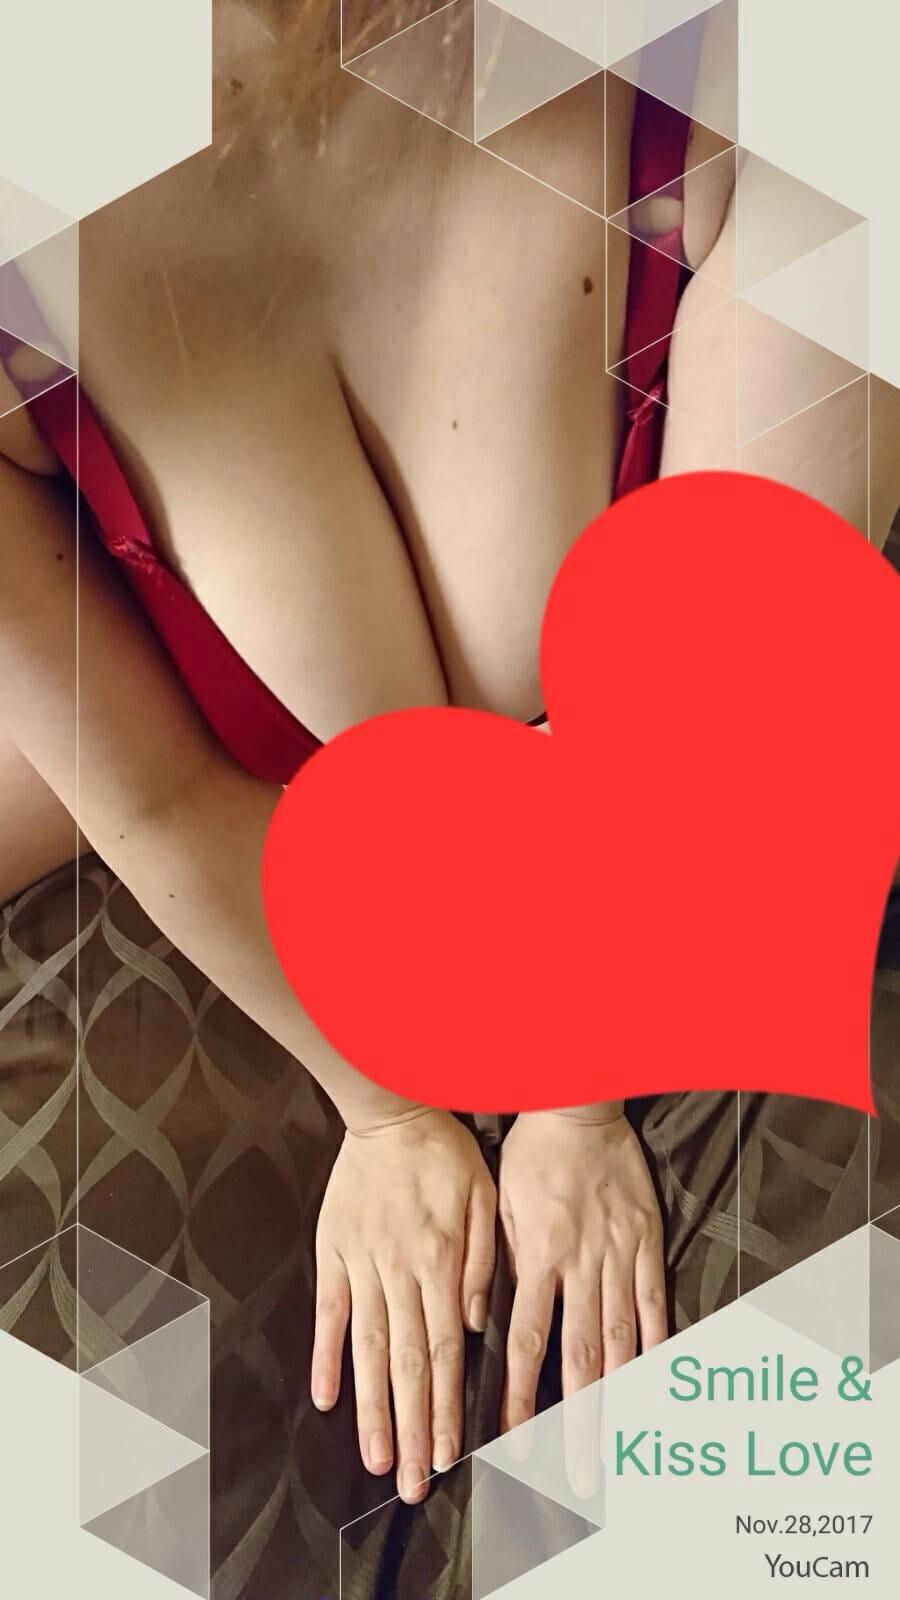 「こんばんは」11/28(火) 19:12 | 莉玖(りく)の写メ・風俗動画